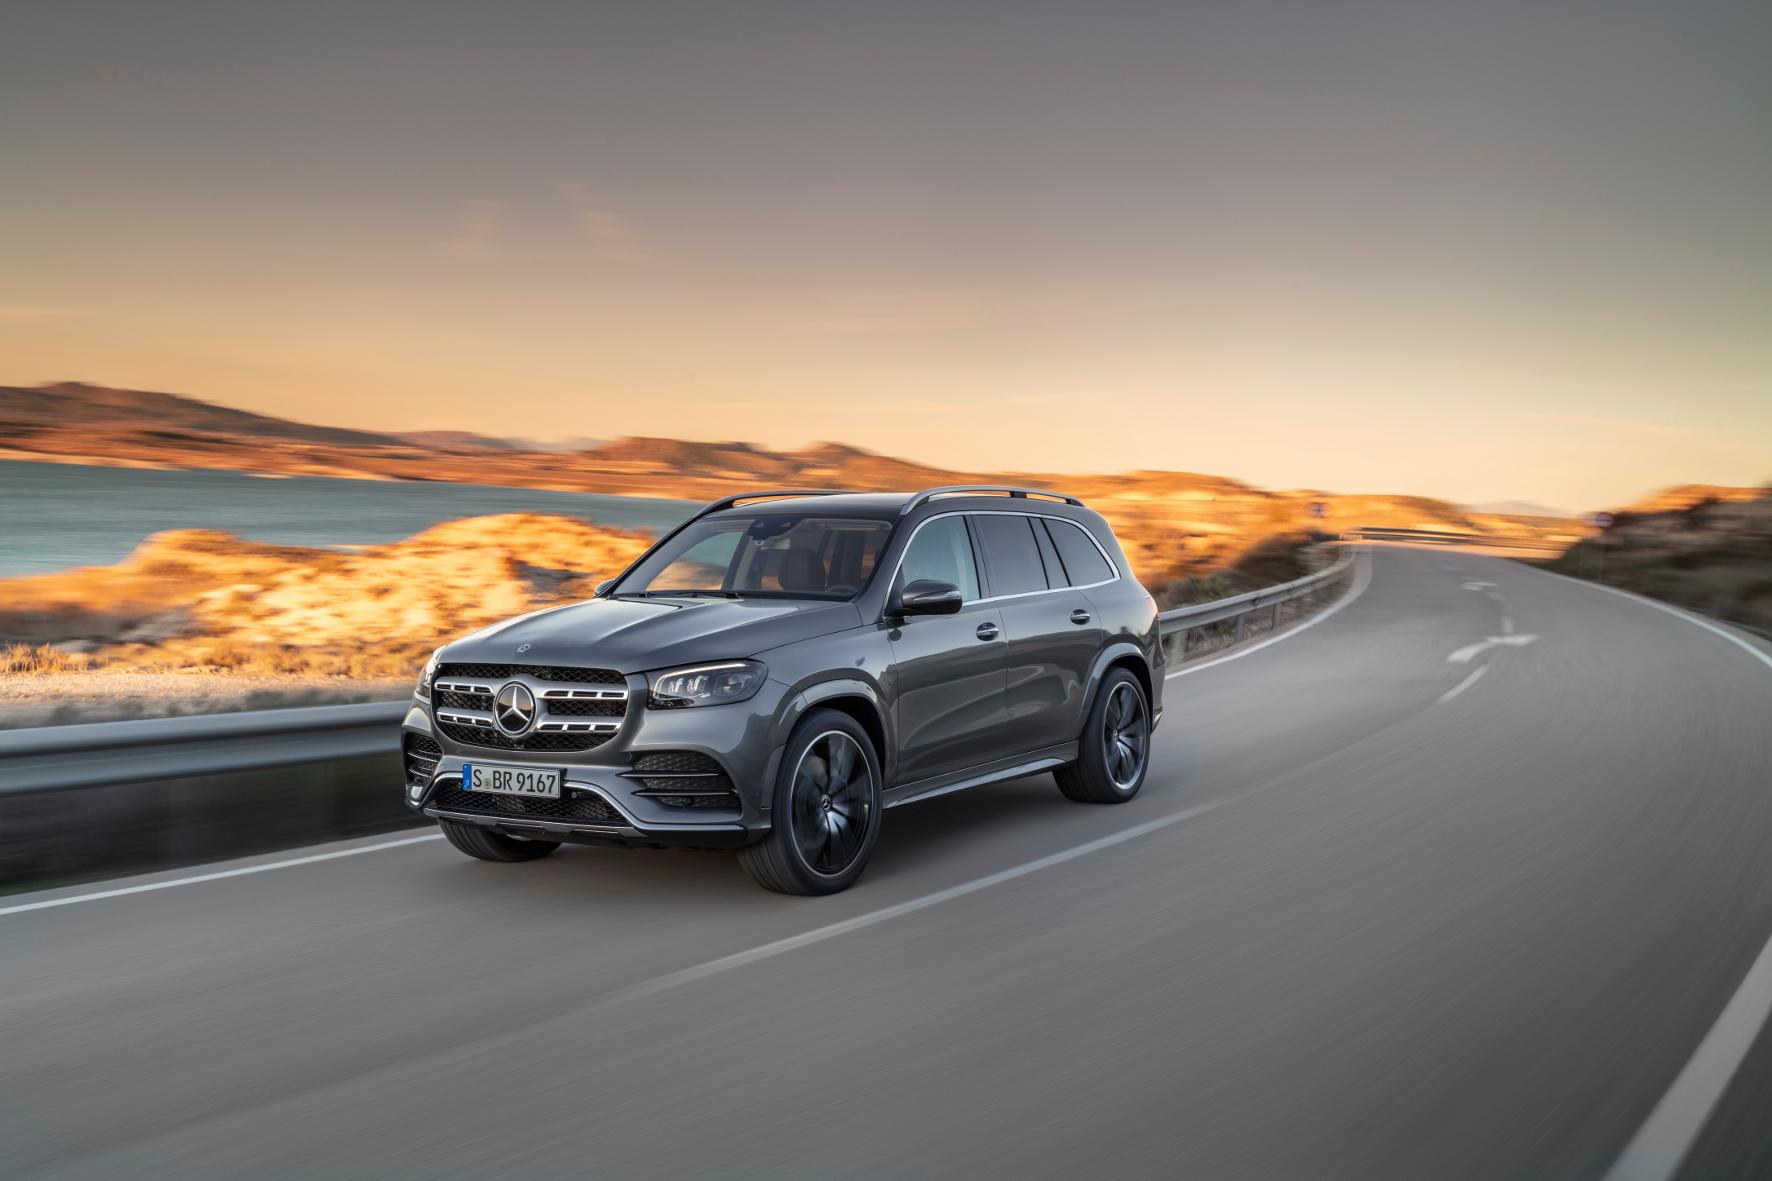 mid Groß-Gerau - Neues Top-Modell bei den SUV mit Stern: der Mercedes-Benz GLS. Daimler